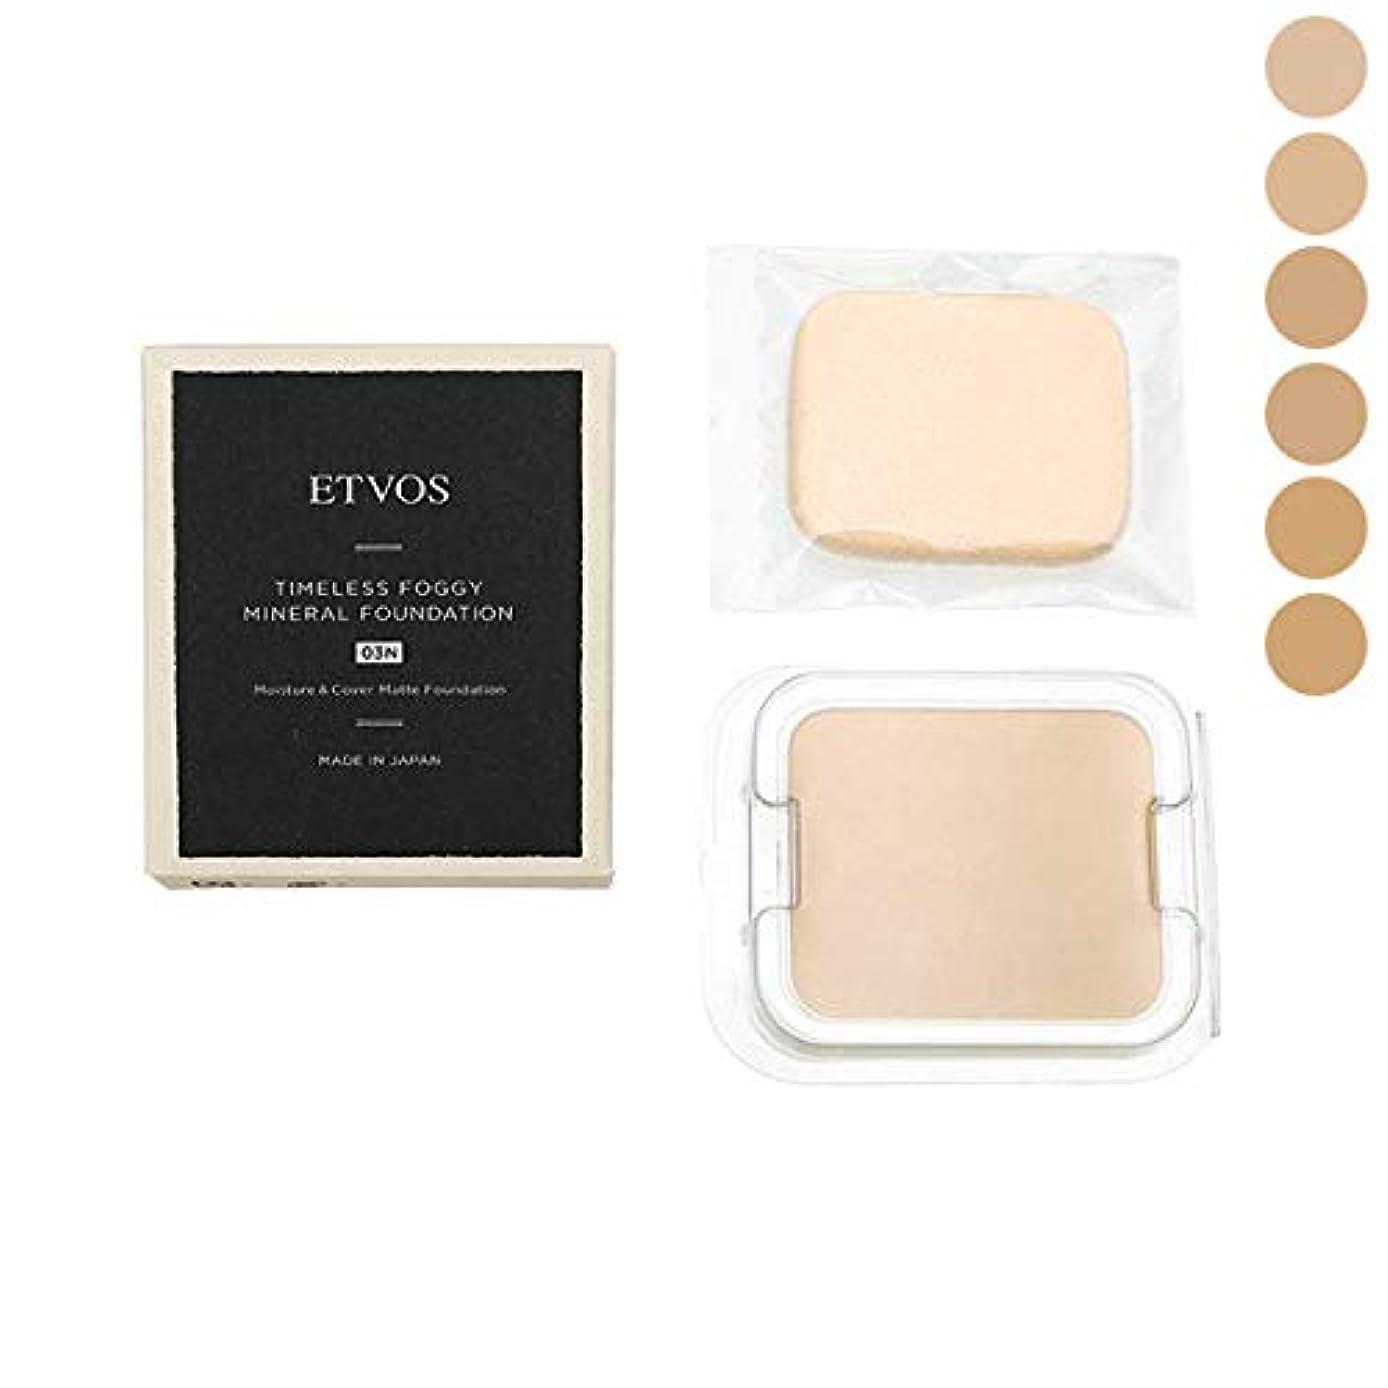 秘書反対した楽しませるエトヴォス ETVOS タイムレスフォギーミネラルファンデーション 10g SPF50+ PA++++ パフ付 レフィル 03Y イエロー系の明るめの肌色 (在庫)